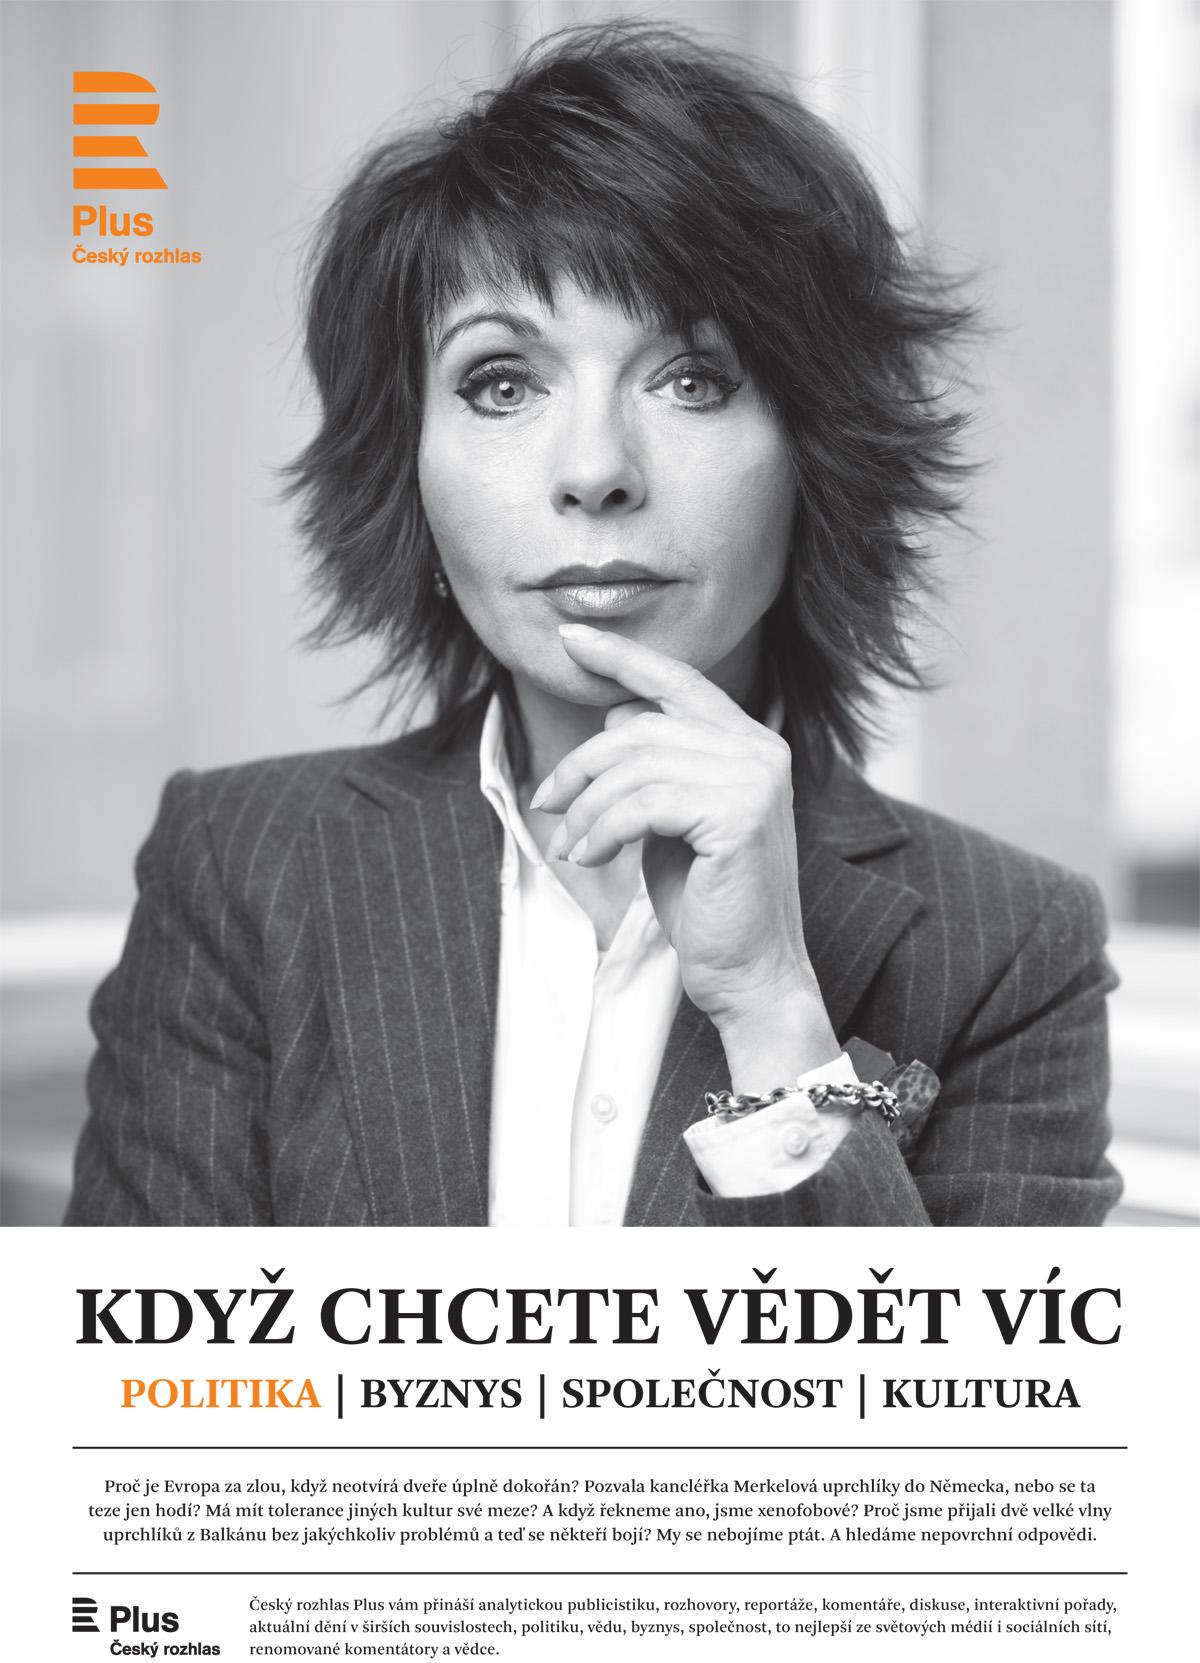 Barbora Tachecí je tváří nové kampaně ČRo Plus. Foto: Český rozhlas